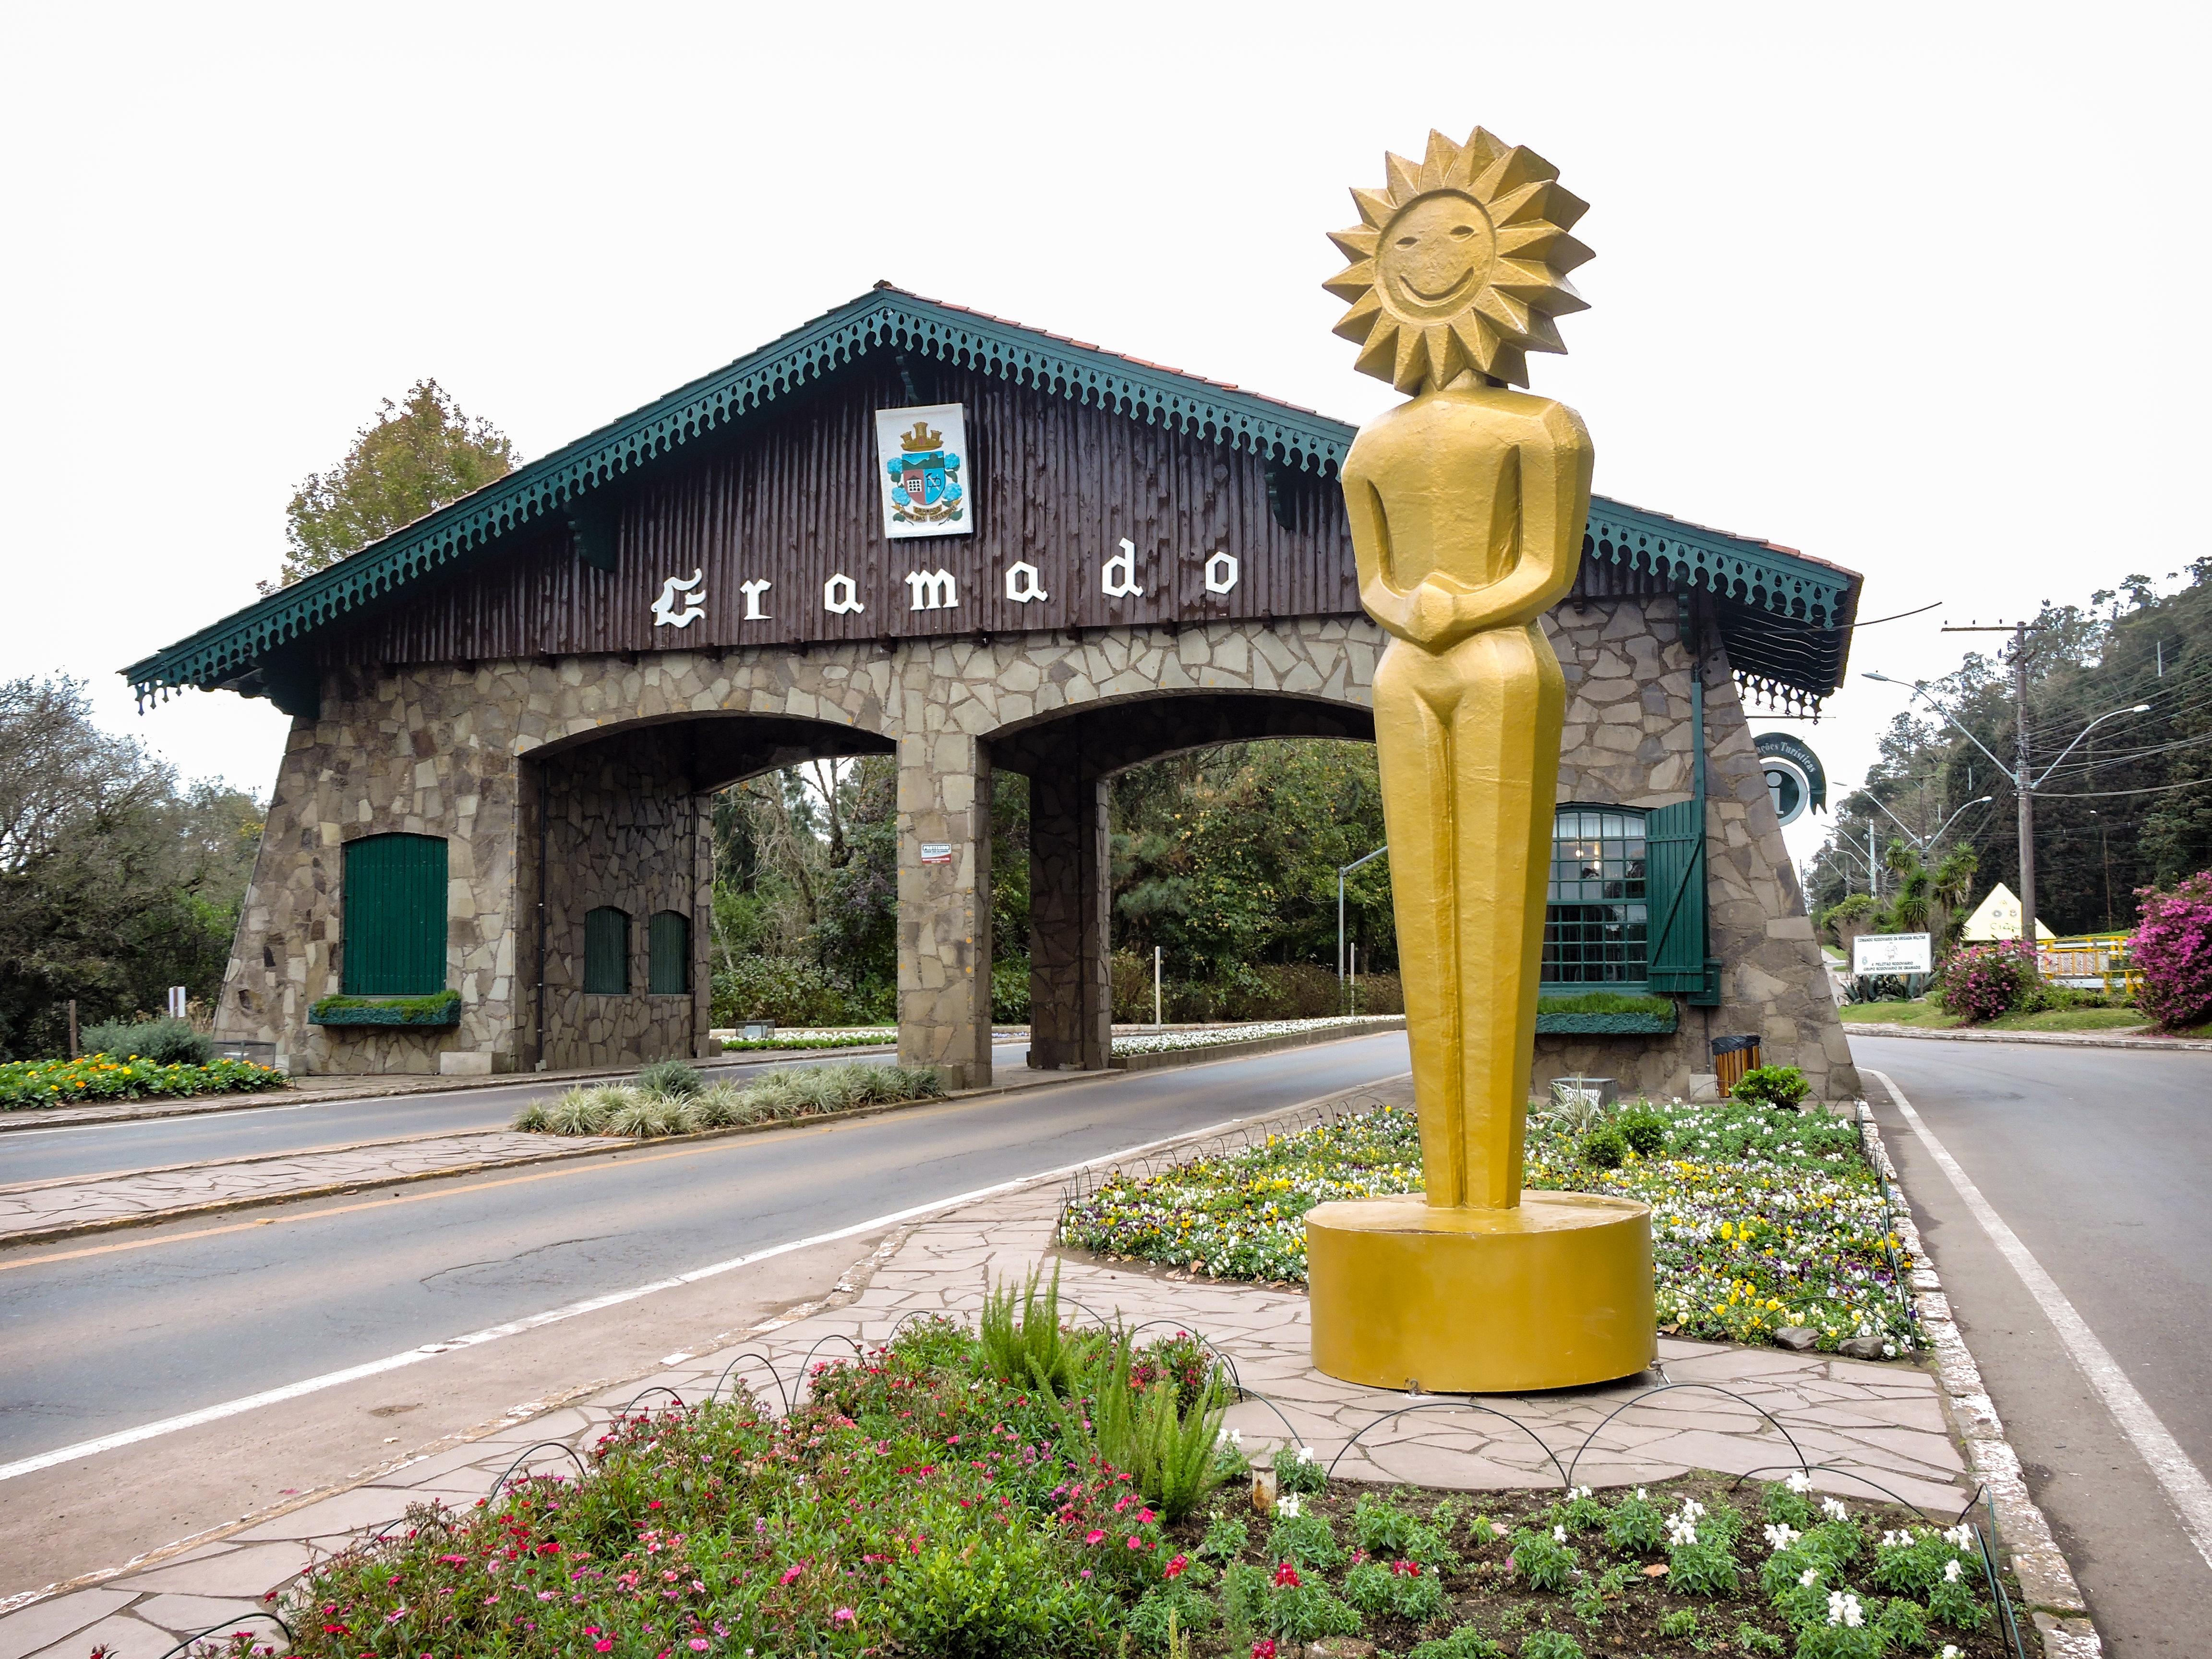 Pórtico Via Nova Petrópolis, com kikito do Festival de Cinema 2019